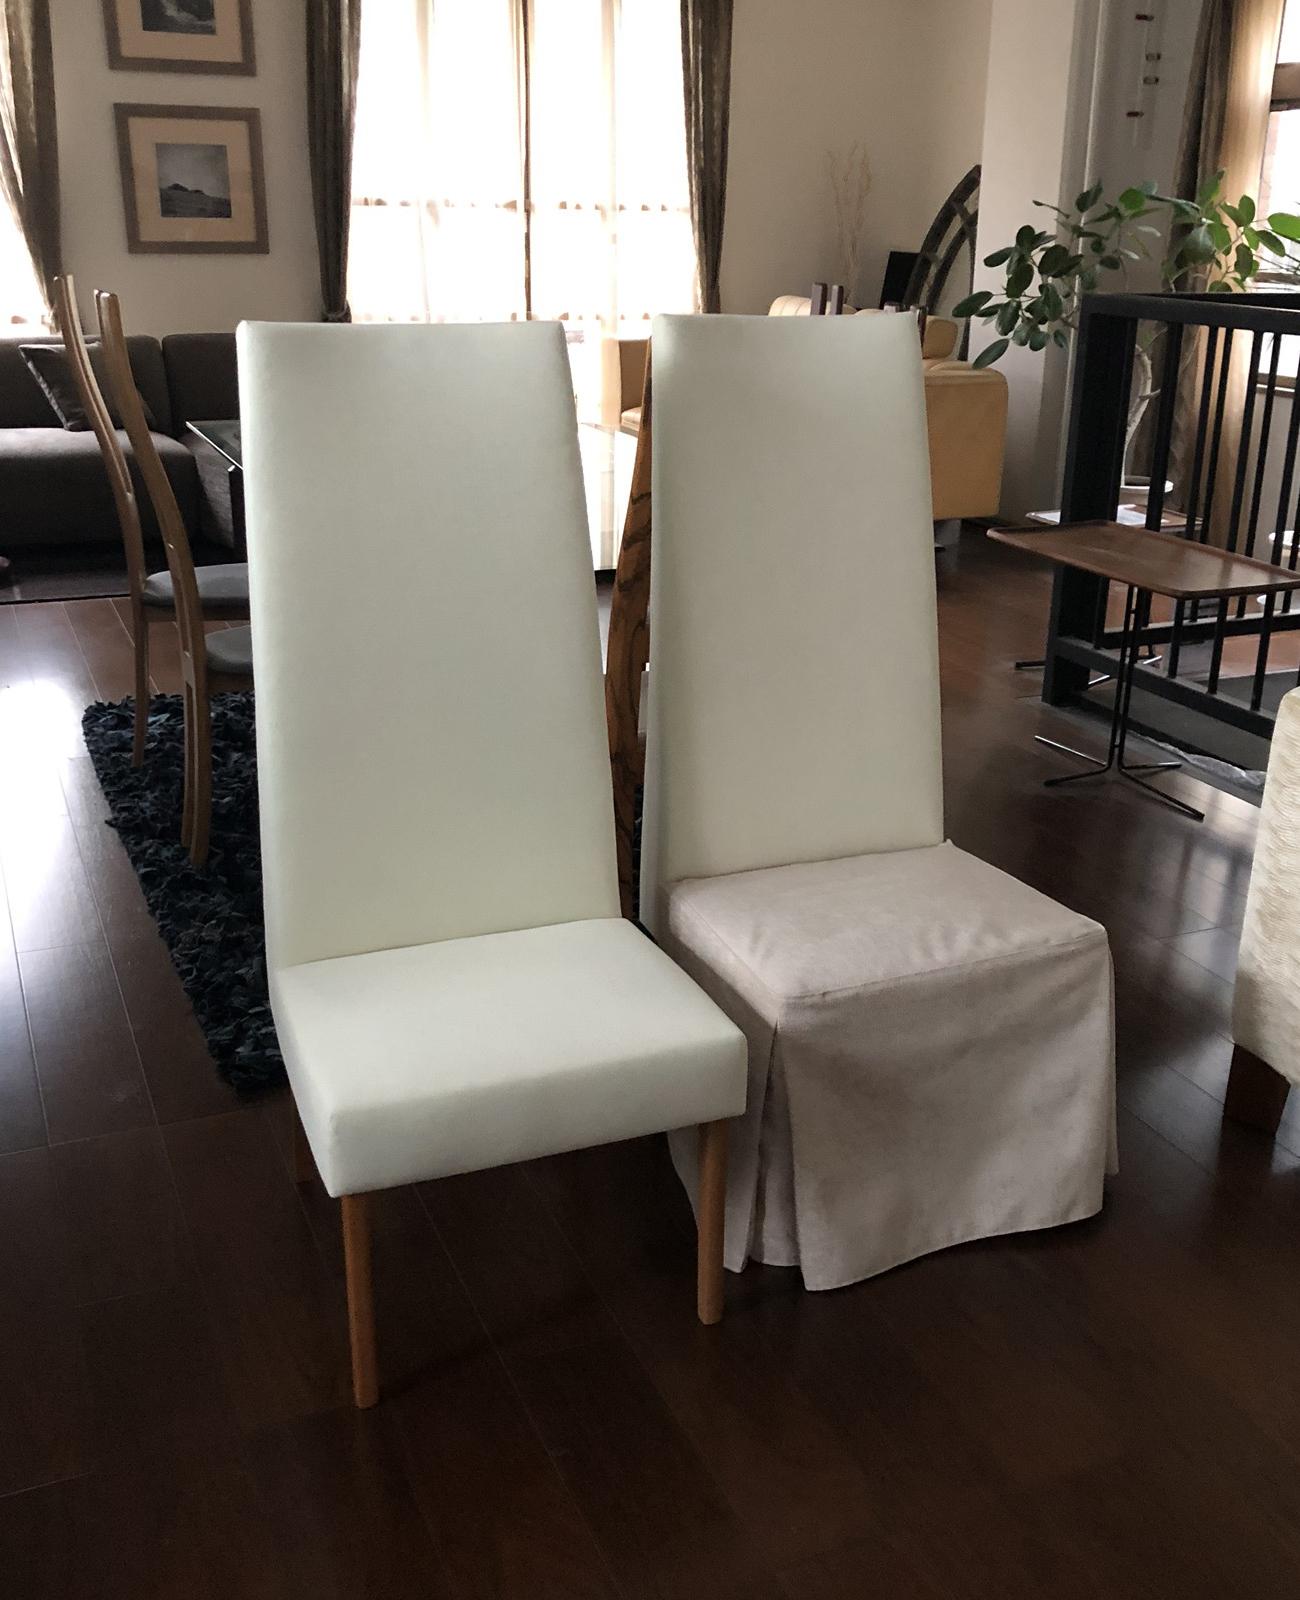 第43回全国育樹祭の椅子製作